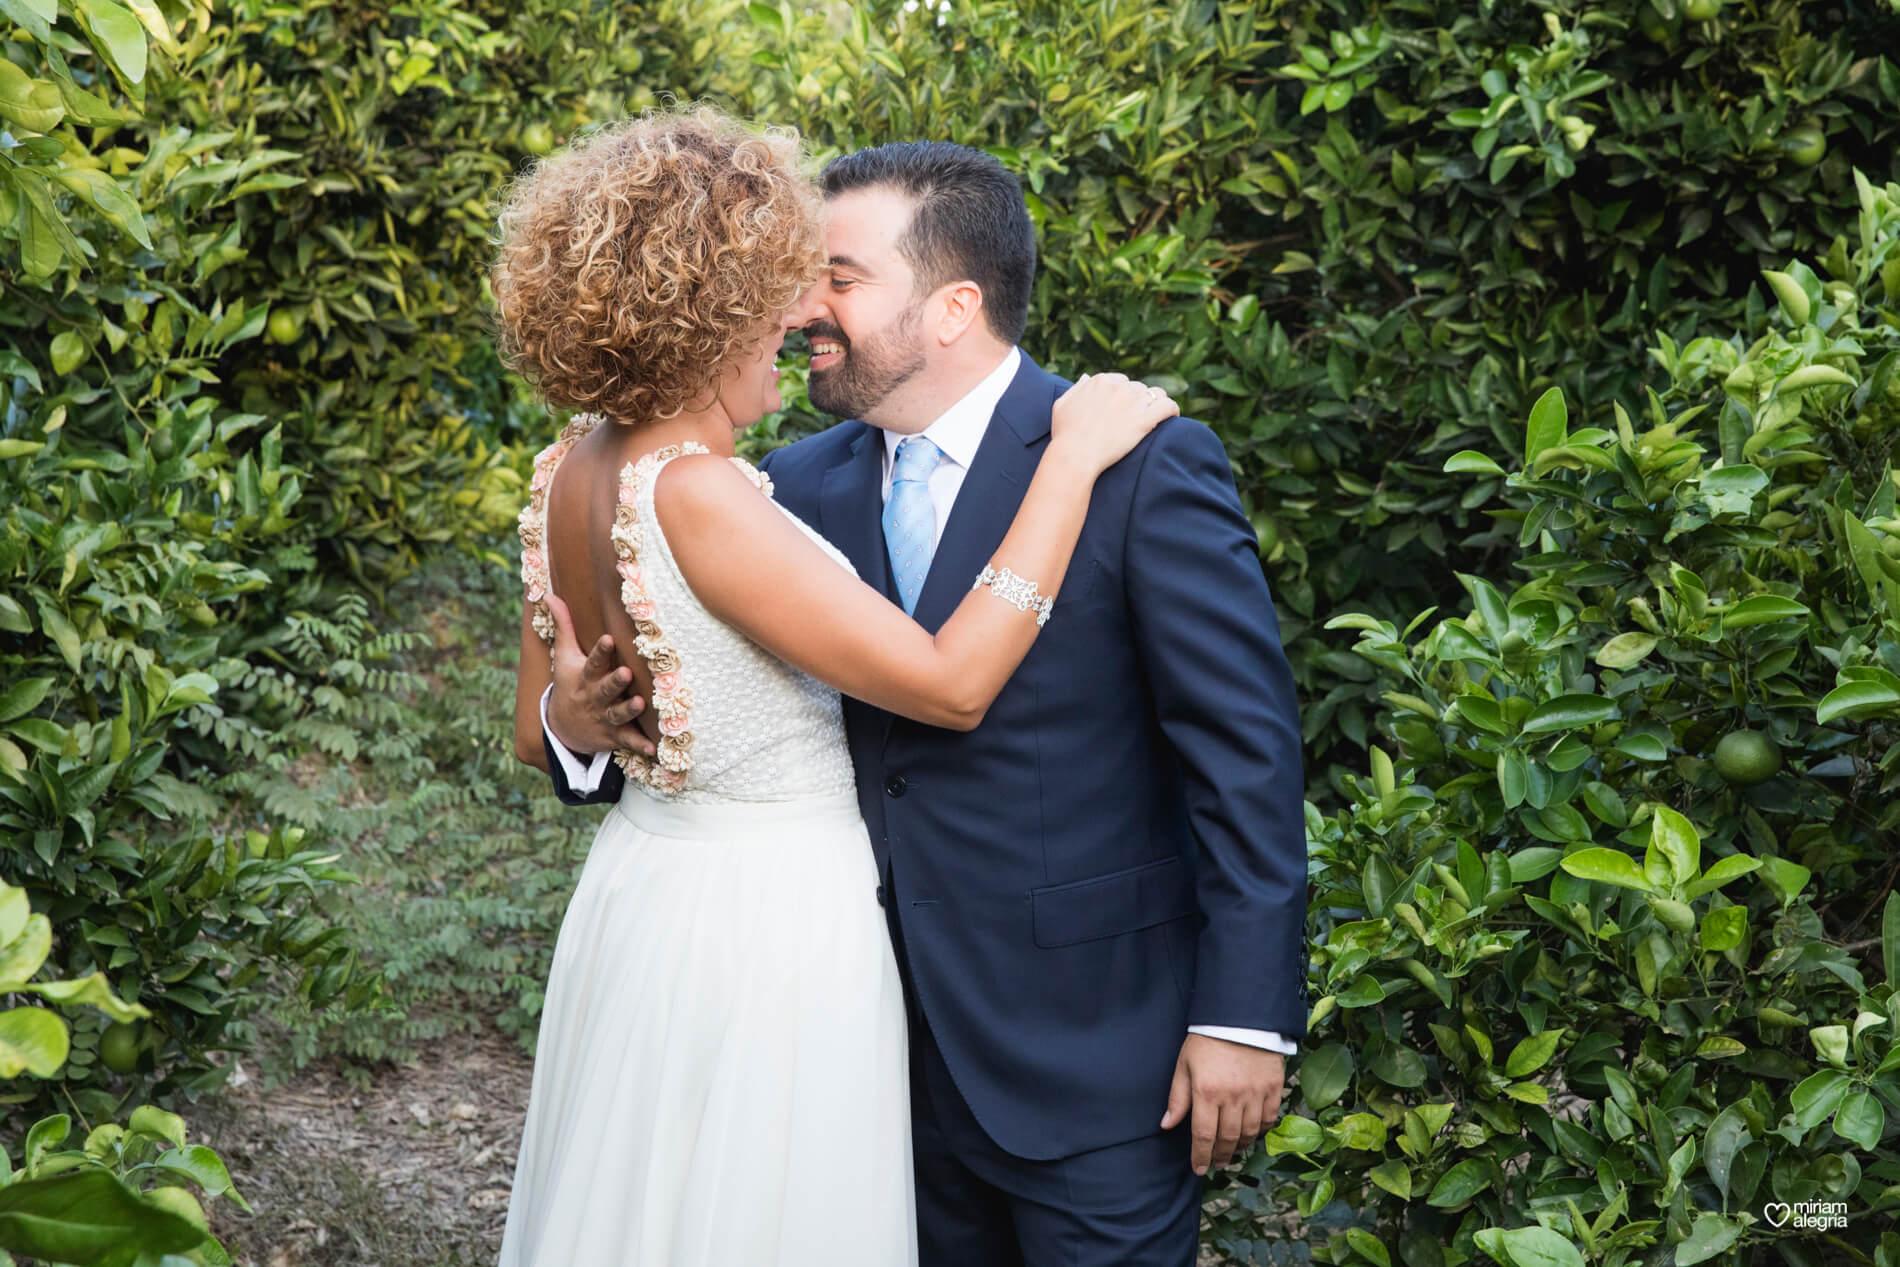 boda-en-finca-la-carrasca-miriam-alegria-103